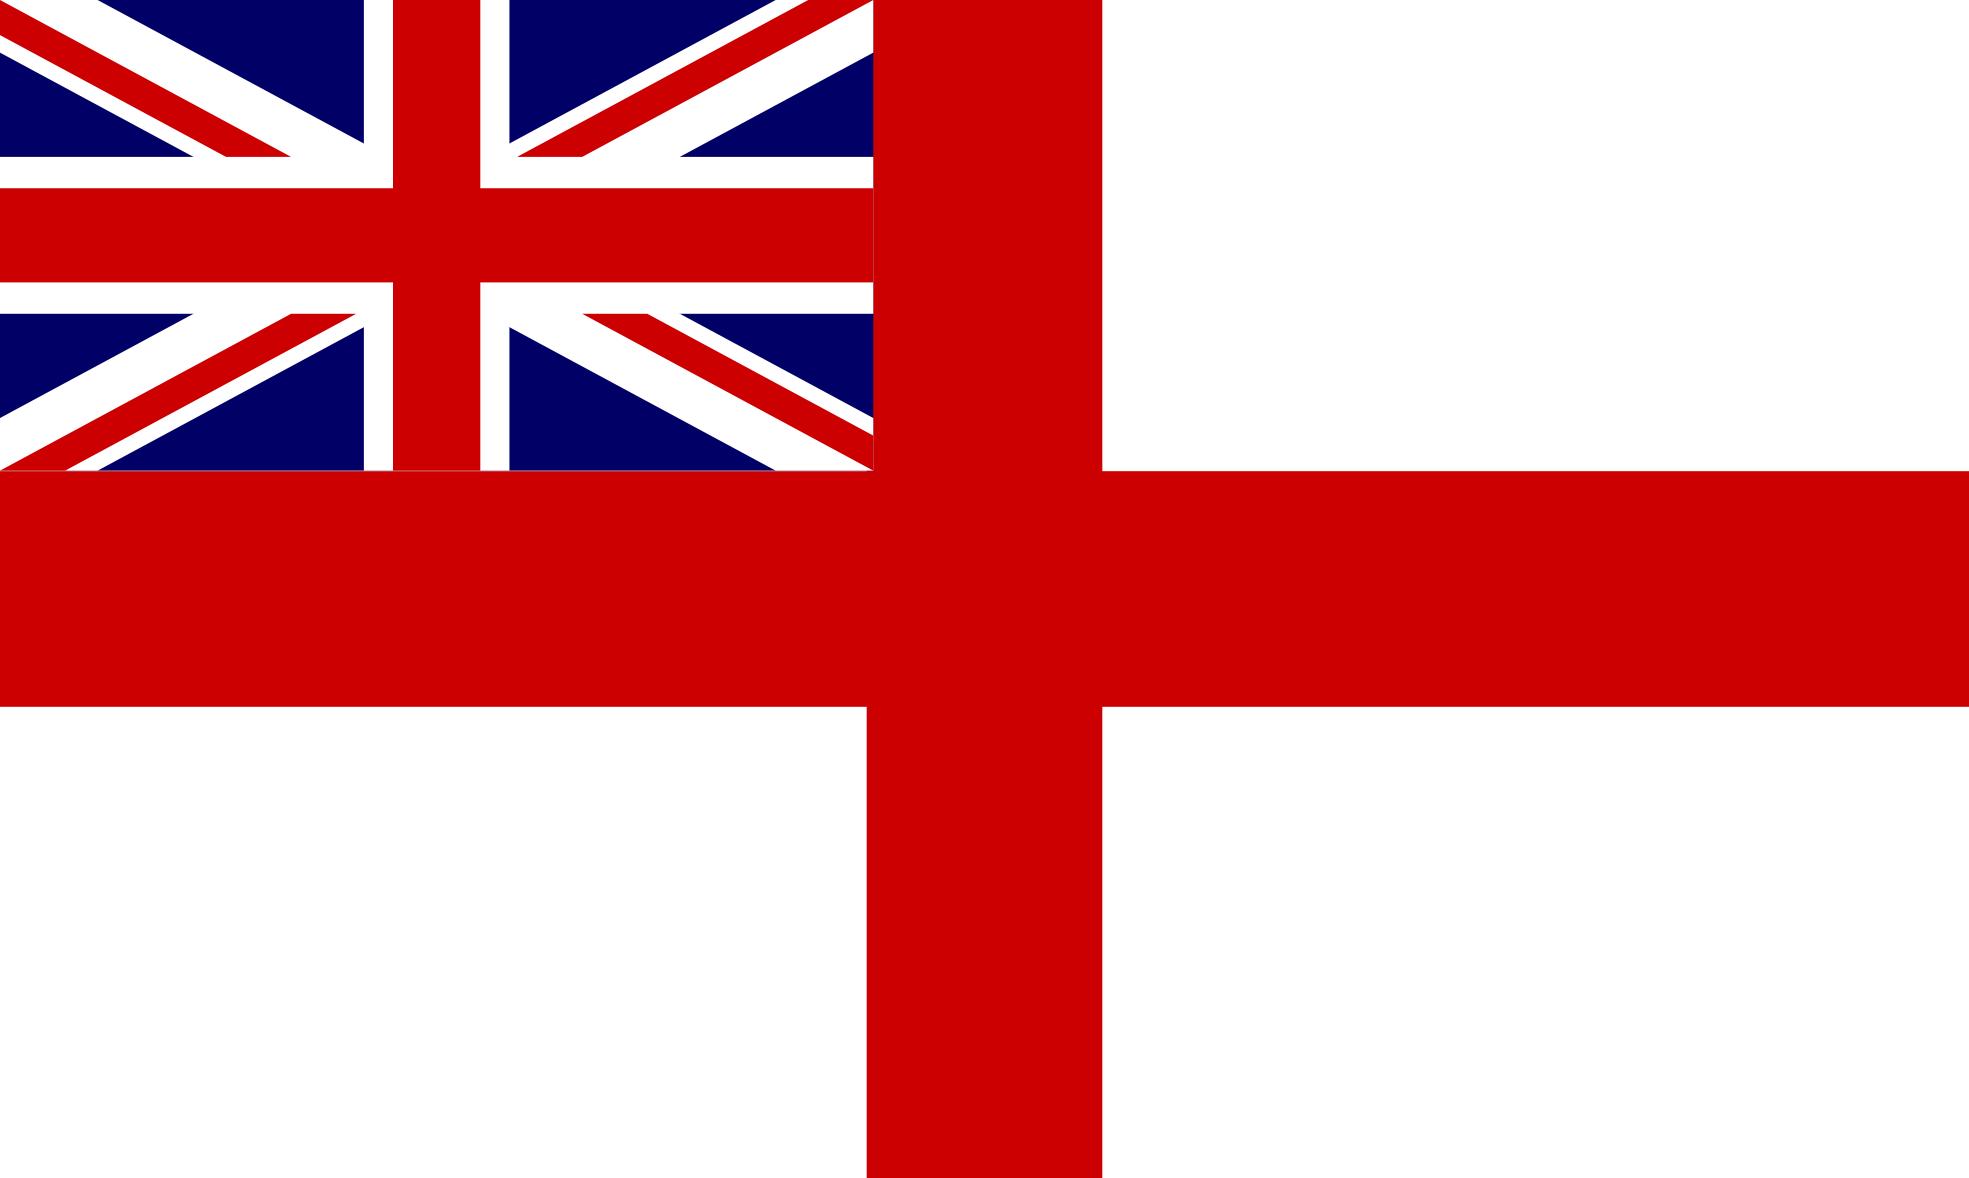 Royal flag clipart.